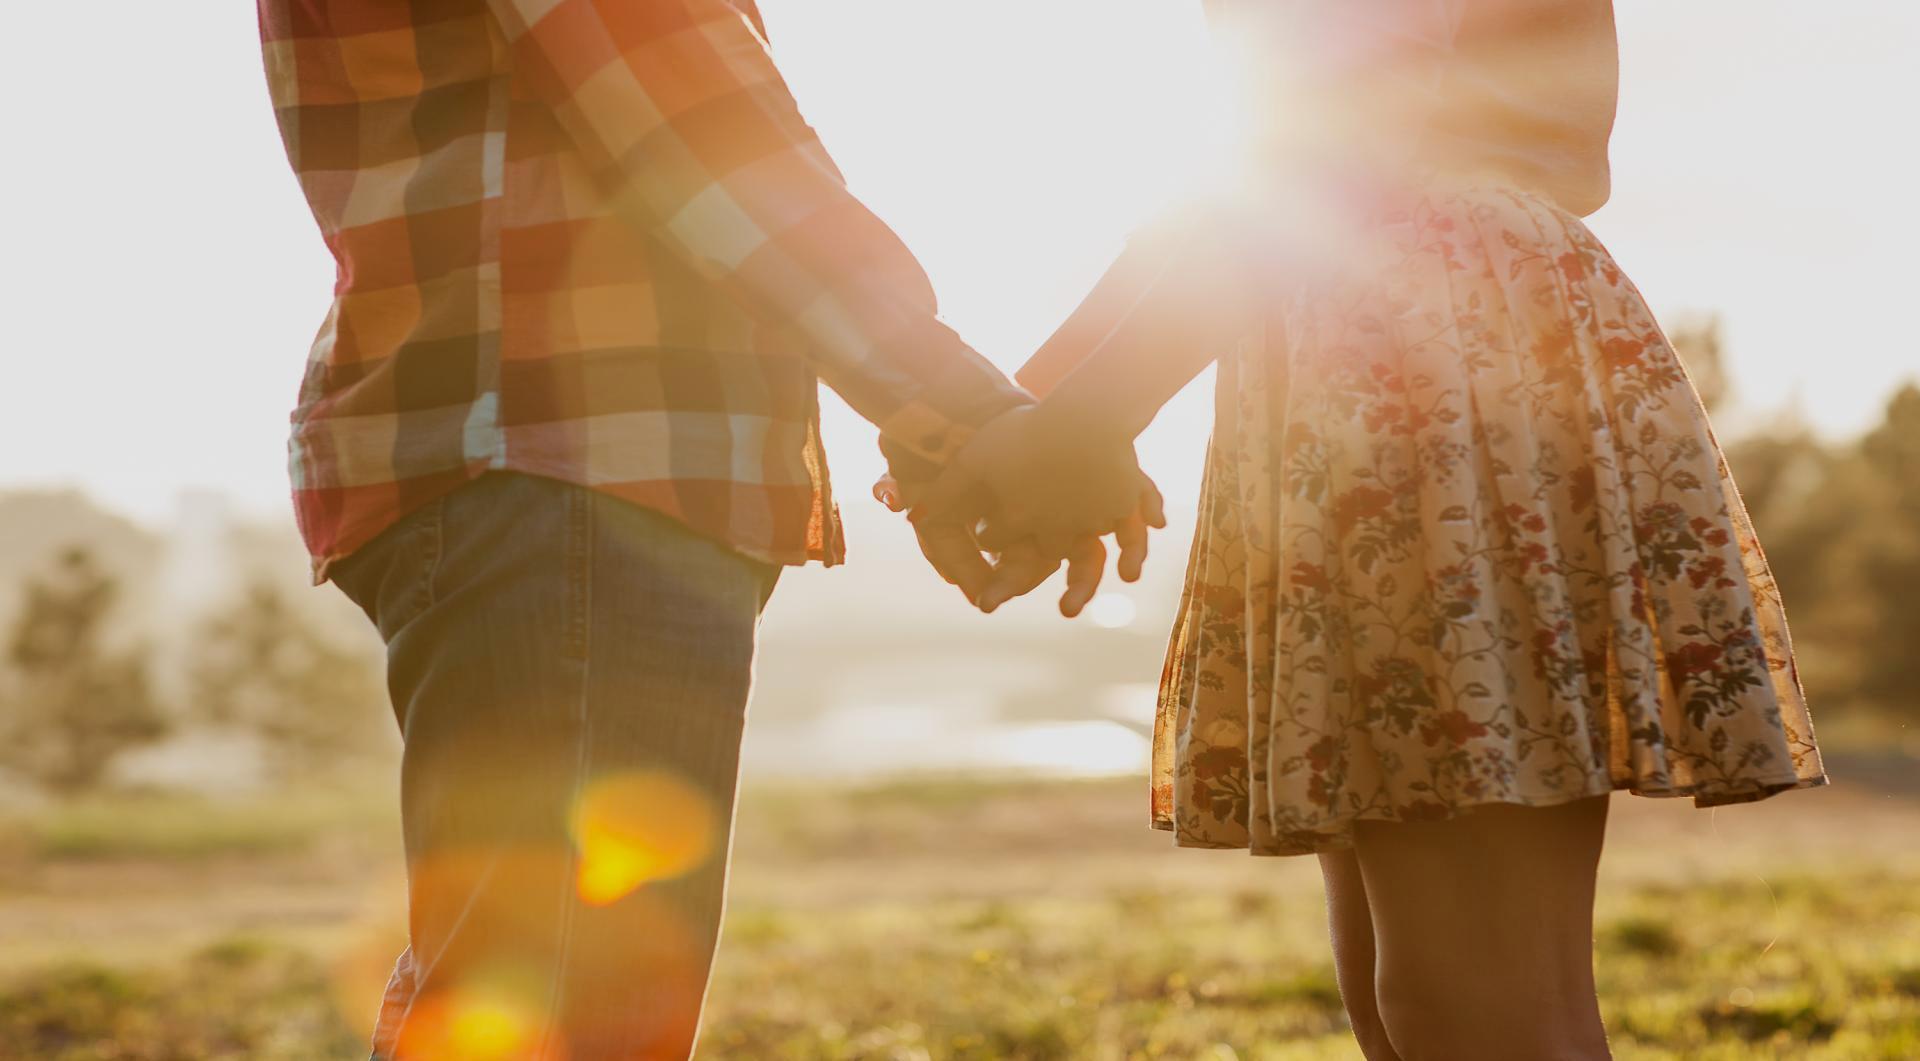 Τρία Λάθη που δεν πρέπει να κάνεις στην αρχή μιας σχέσης